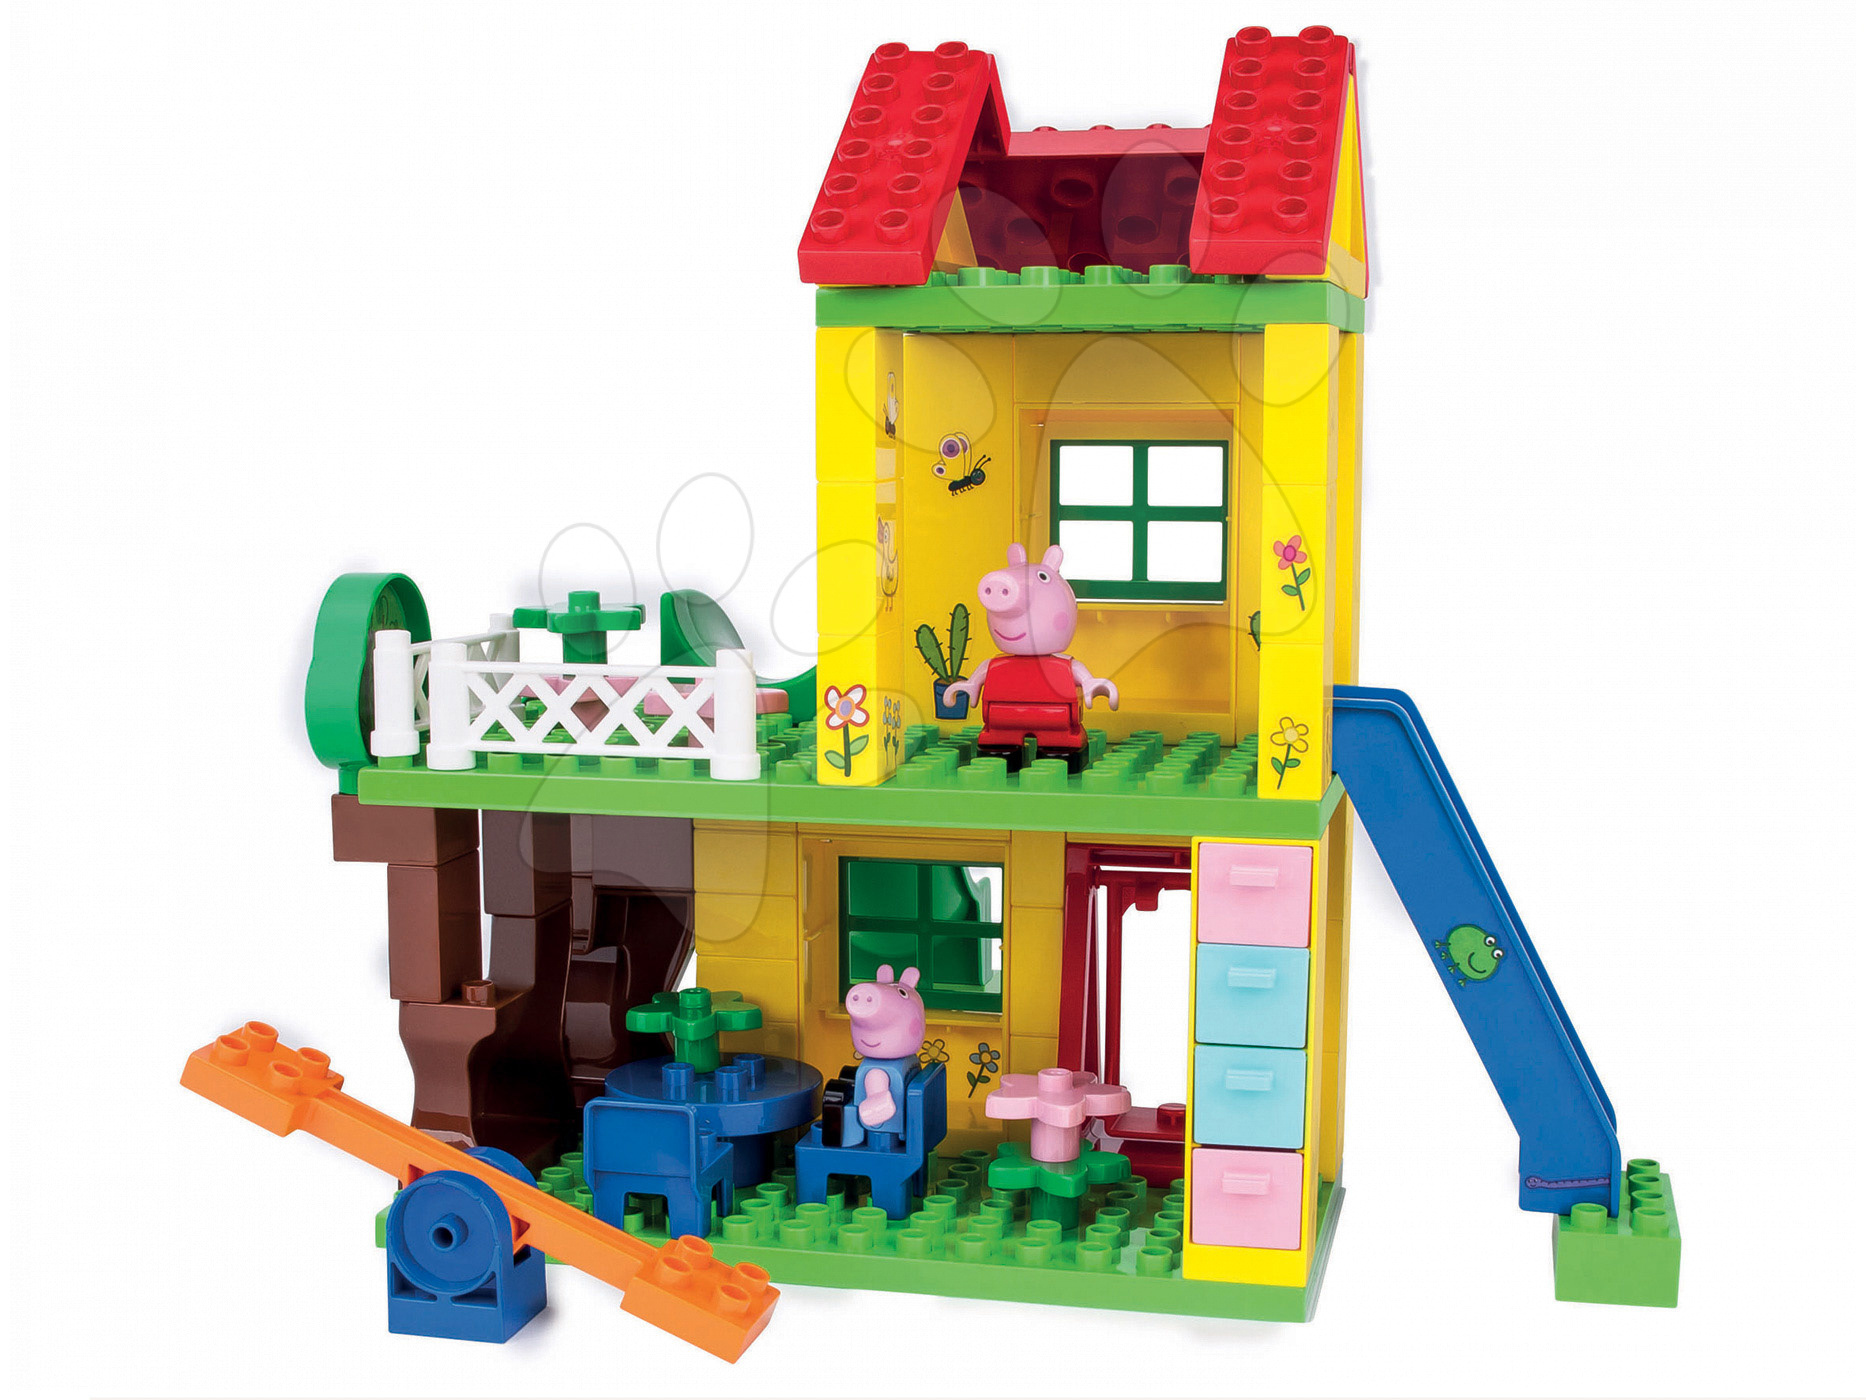 Építőjáték Peppa Pig a játszótéren PlayBIG Bloxx BIG 2 figurával 75 részes